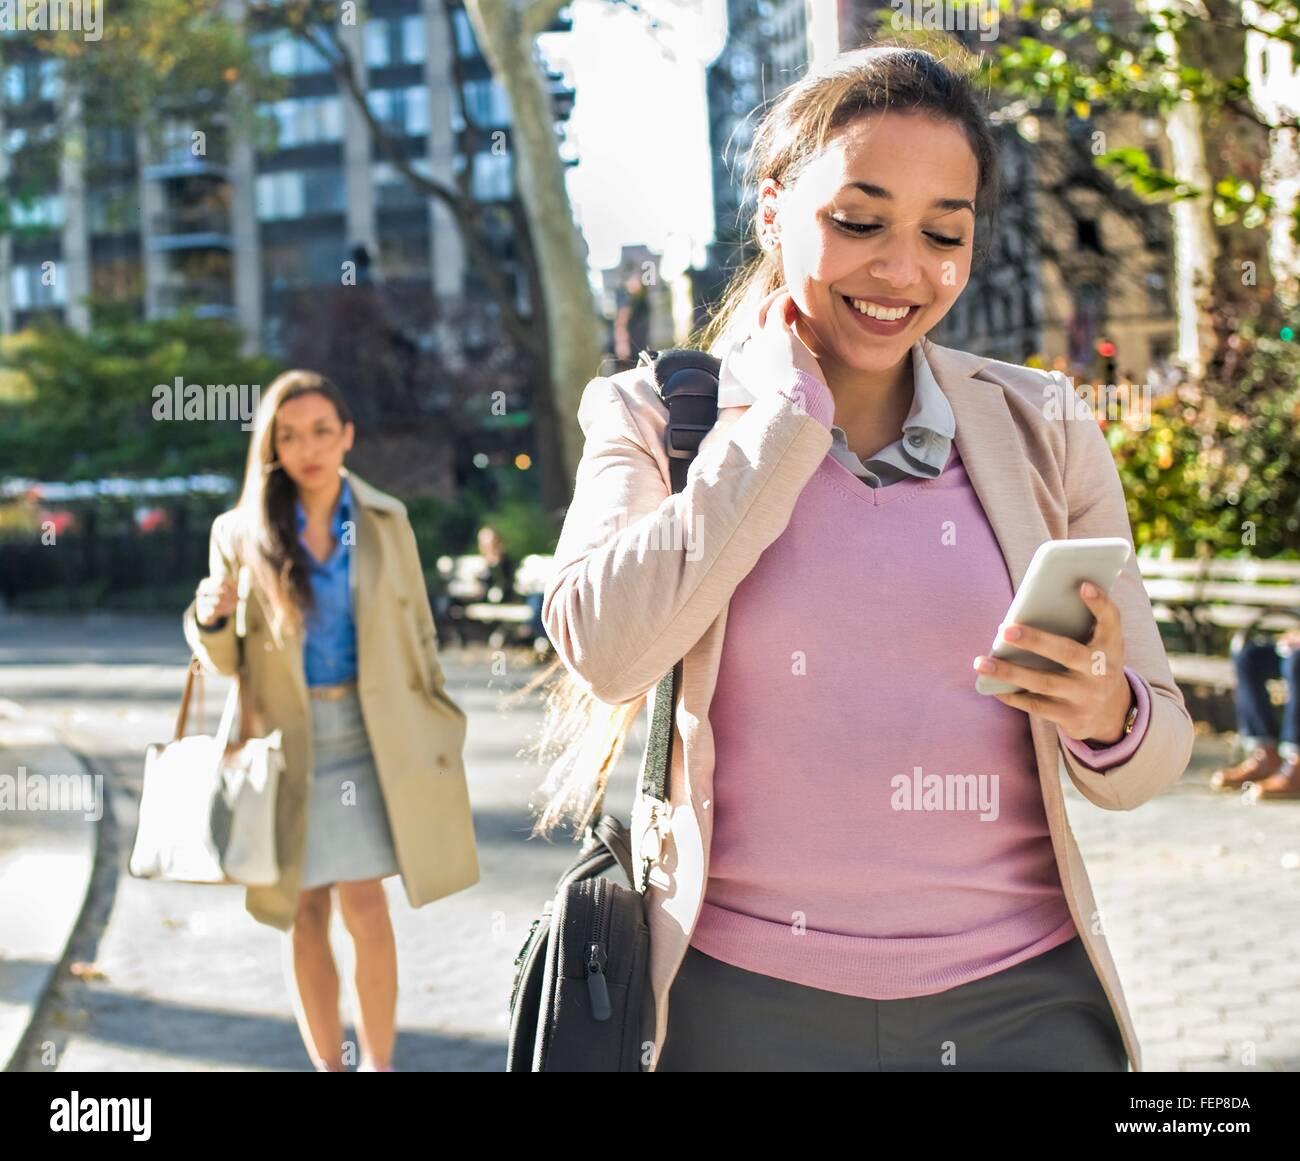 Junge Frau, die Smartphone-Texte zu lesen, während durch den Stadtpark zu Fuß Stockfoto